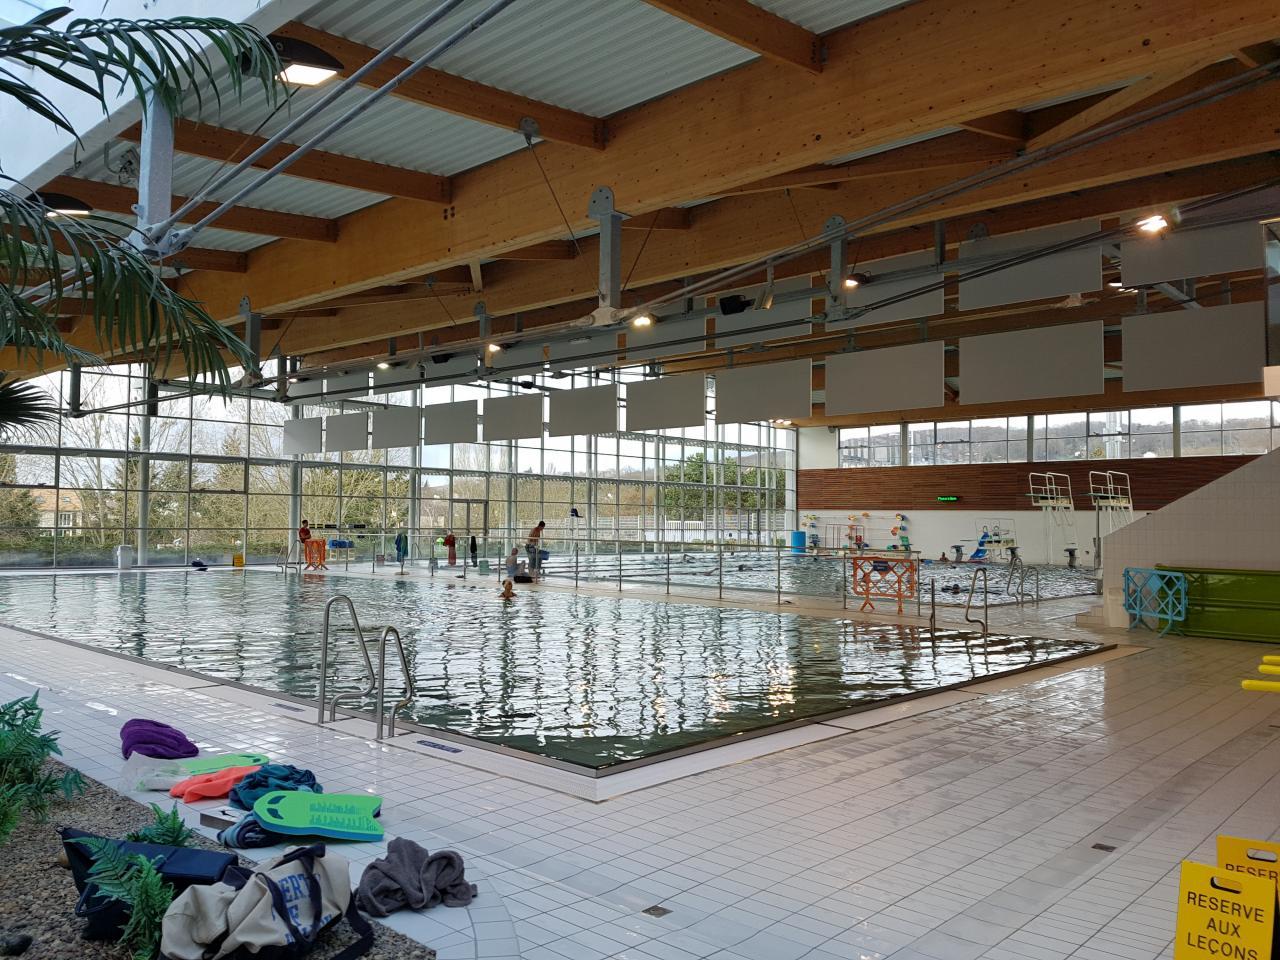 Visite De La Piscine La Vague, Soisy-Sous-Montmorency, 28 ... pour Piscine Soisy Sous Montmorency